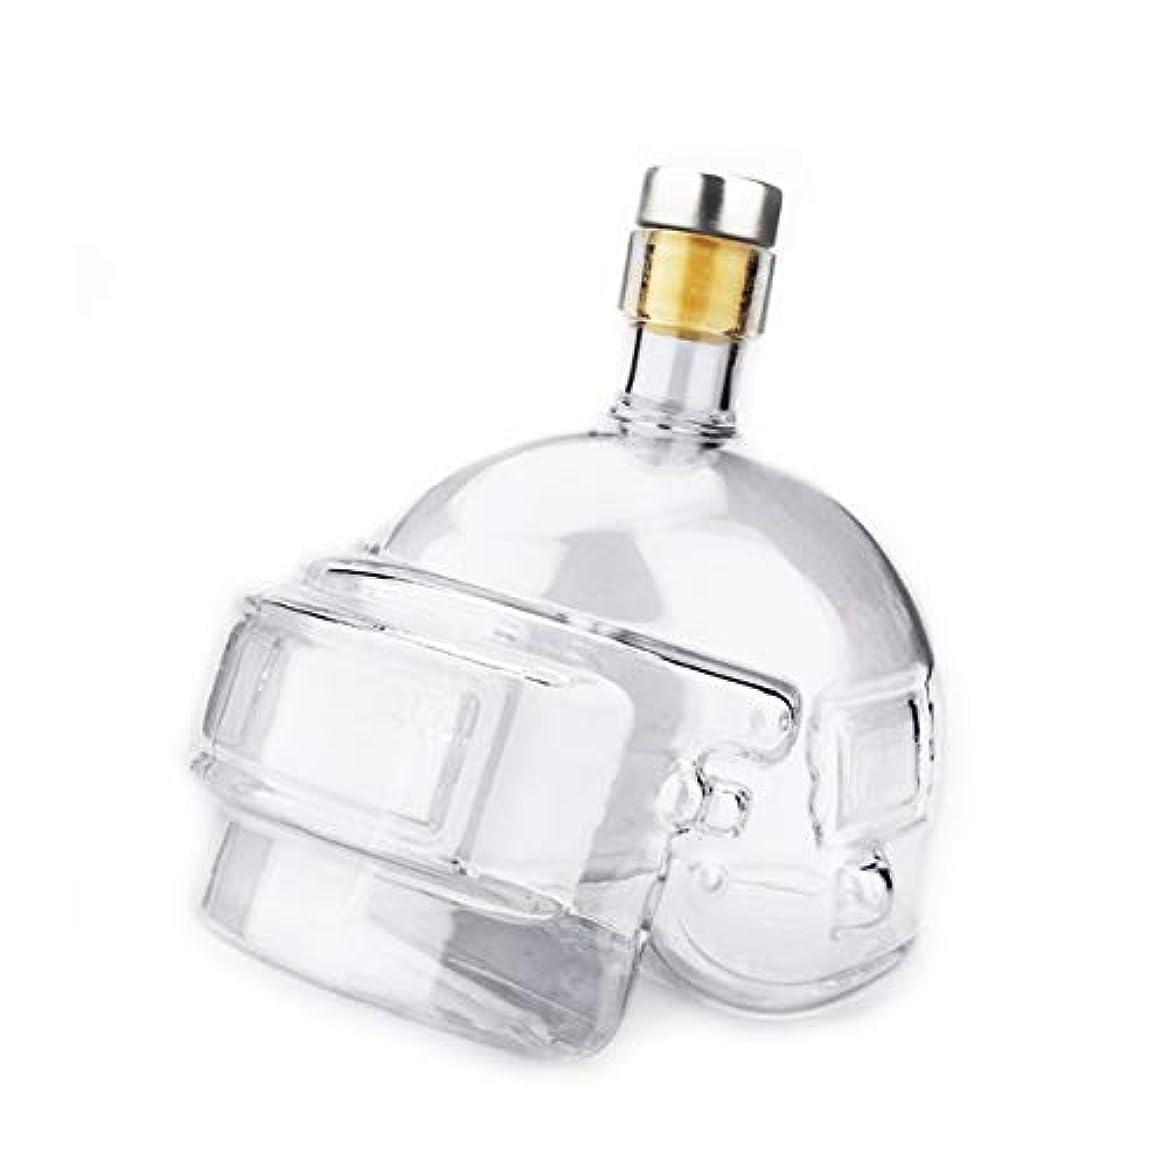 遺伝子地元規制するSaikogoods ノベルティデザイン ワインポットヘルメット ウォッカウイスキーボトル グラスジャグ ホームバー ゲームおもちゃ デキャンタフラゴンを飲みます トランスペアレント